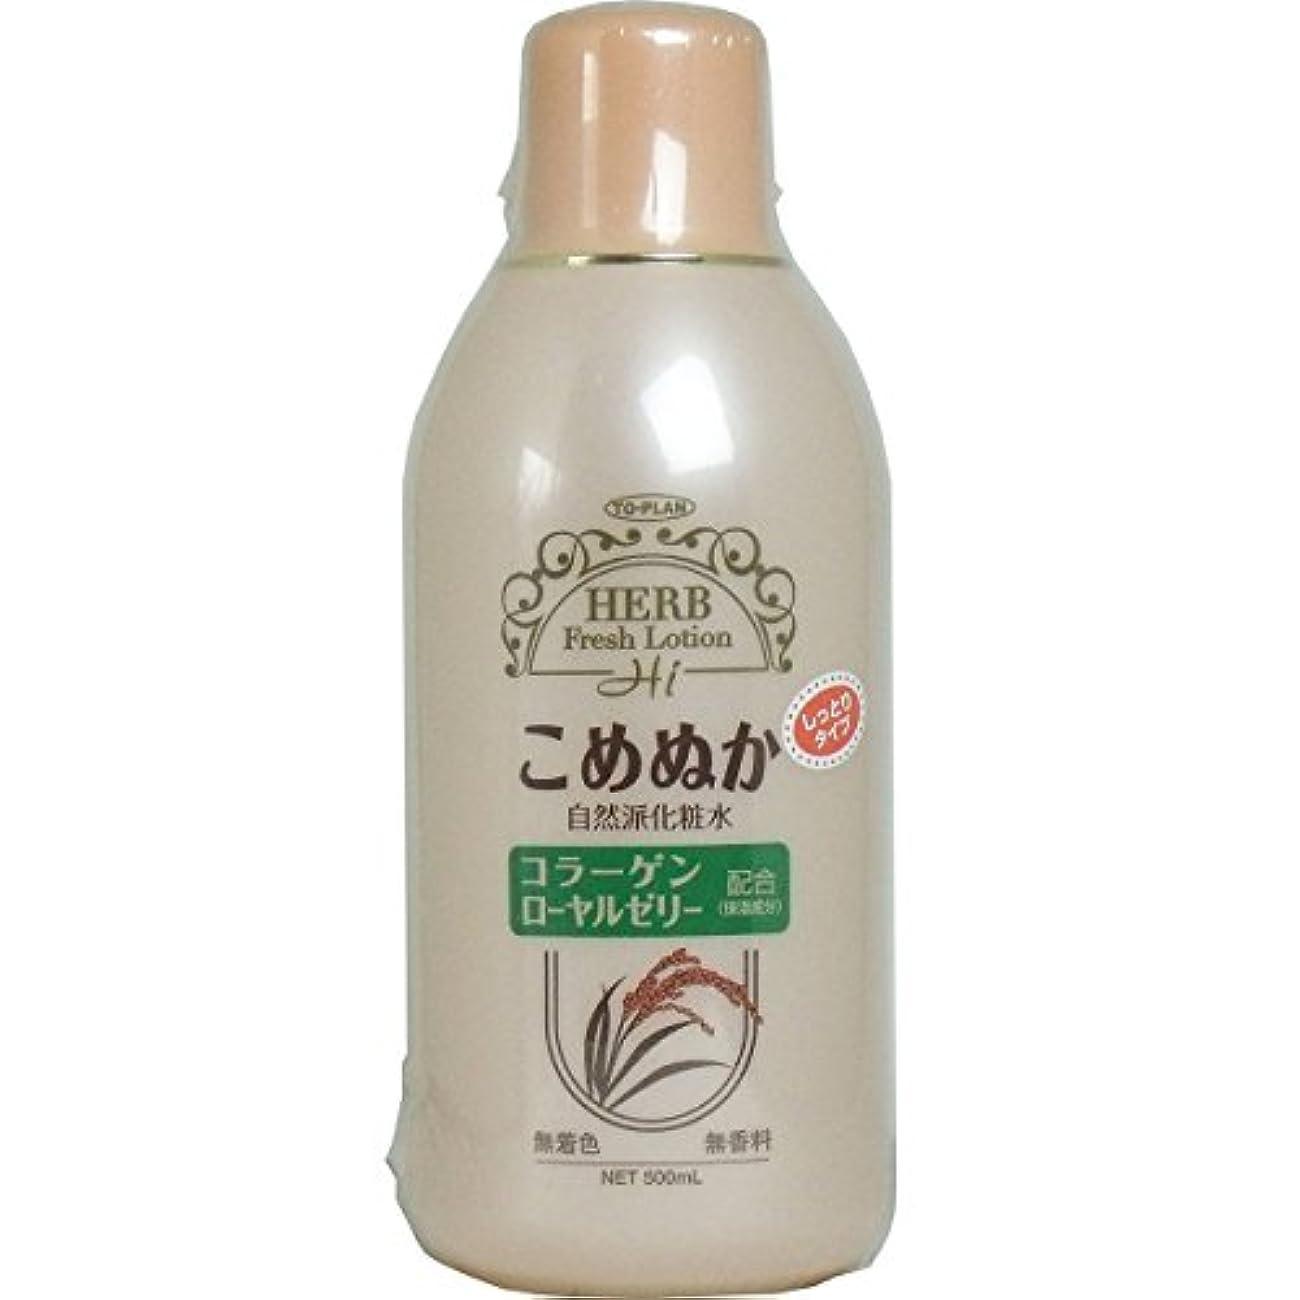 キャンバスネブレスリングトプラン 米ぬか化粧水 500ml